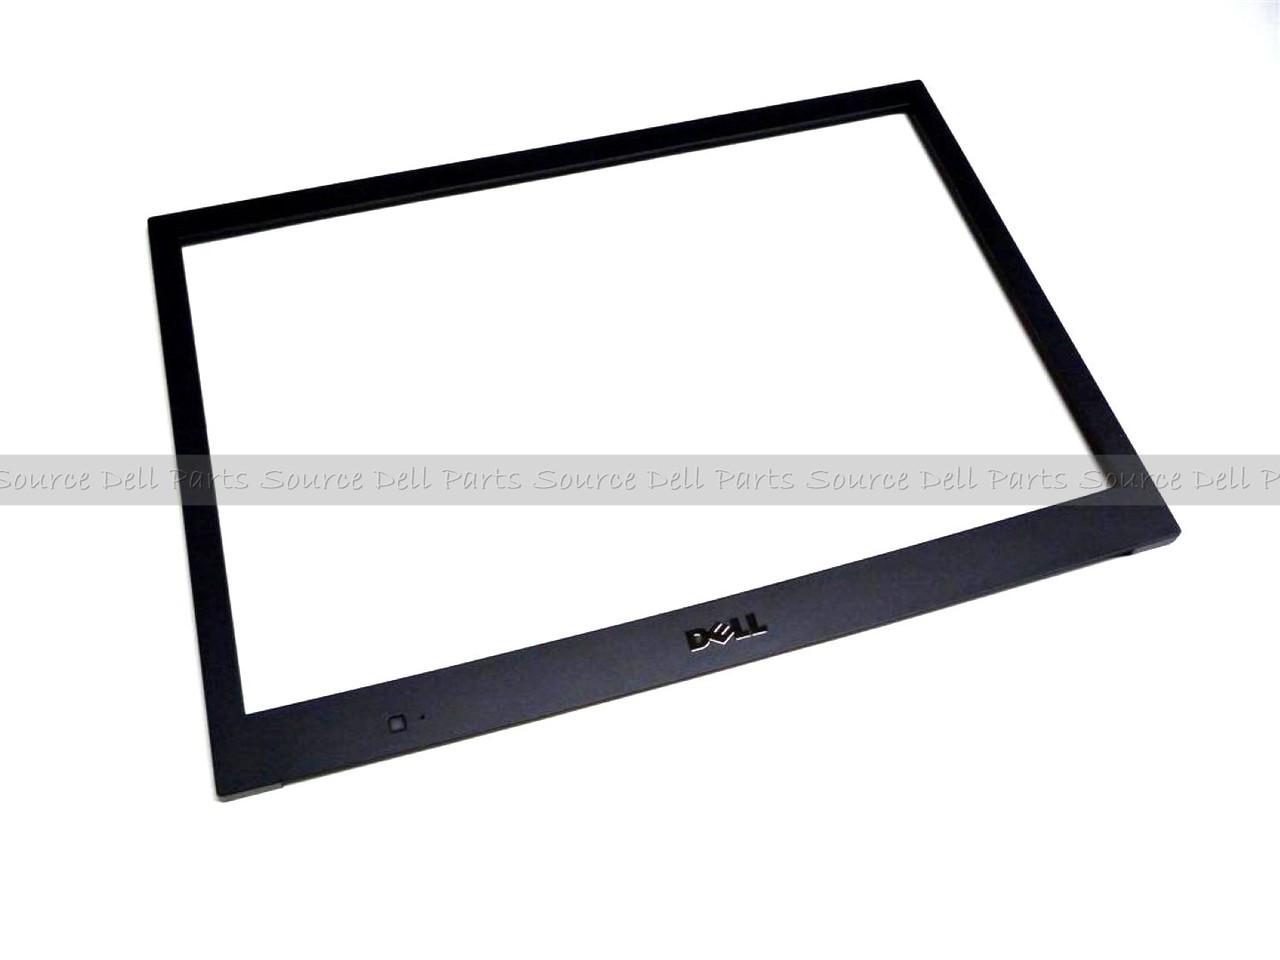 Dell Latitude E4300 LCD Front Trim Bezel No Camera Window - 8KG81